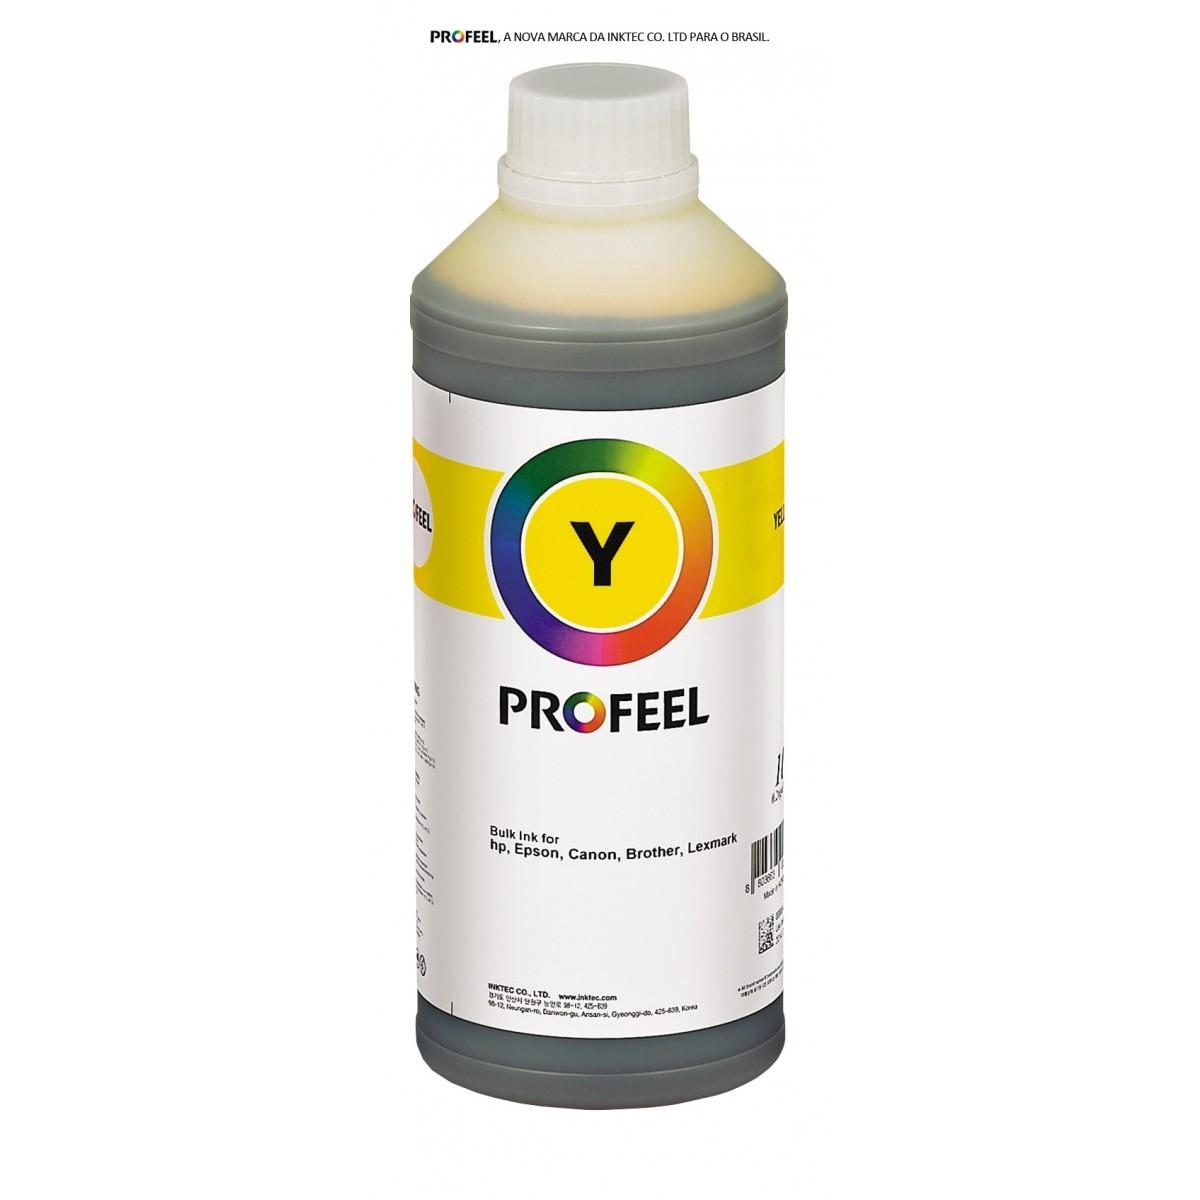 Tinta corante InkTec Profeel para Brother | modelo B1100-01LY | Frasco de 1 litro | Cor : Amarela